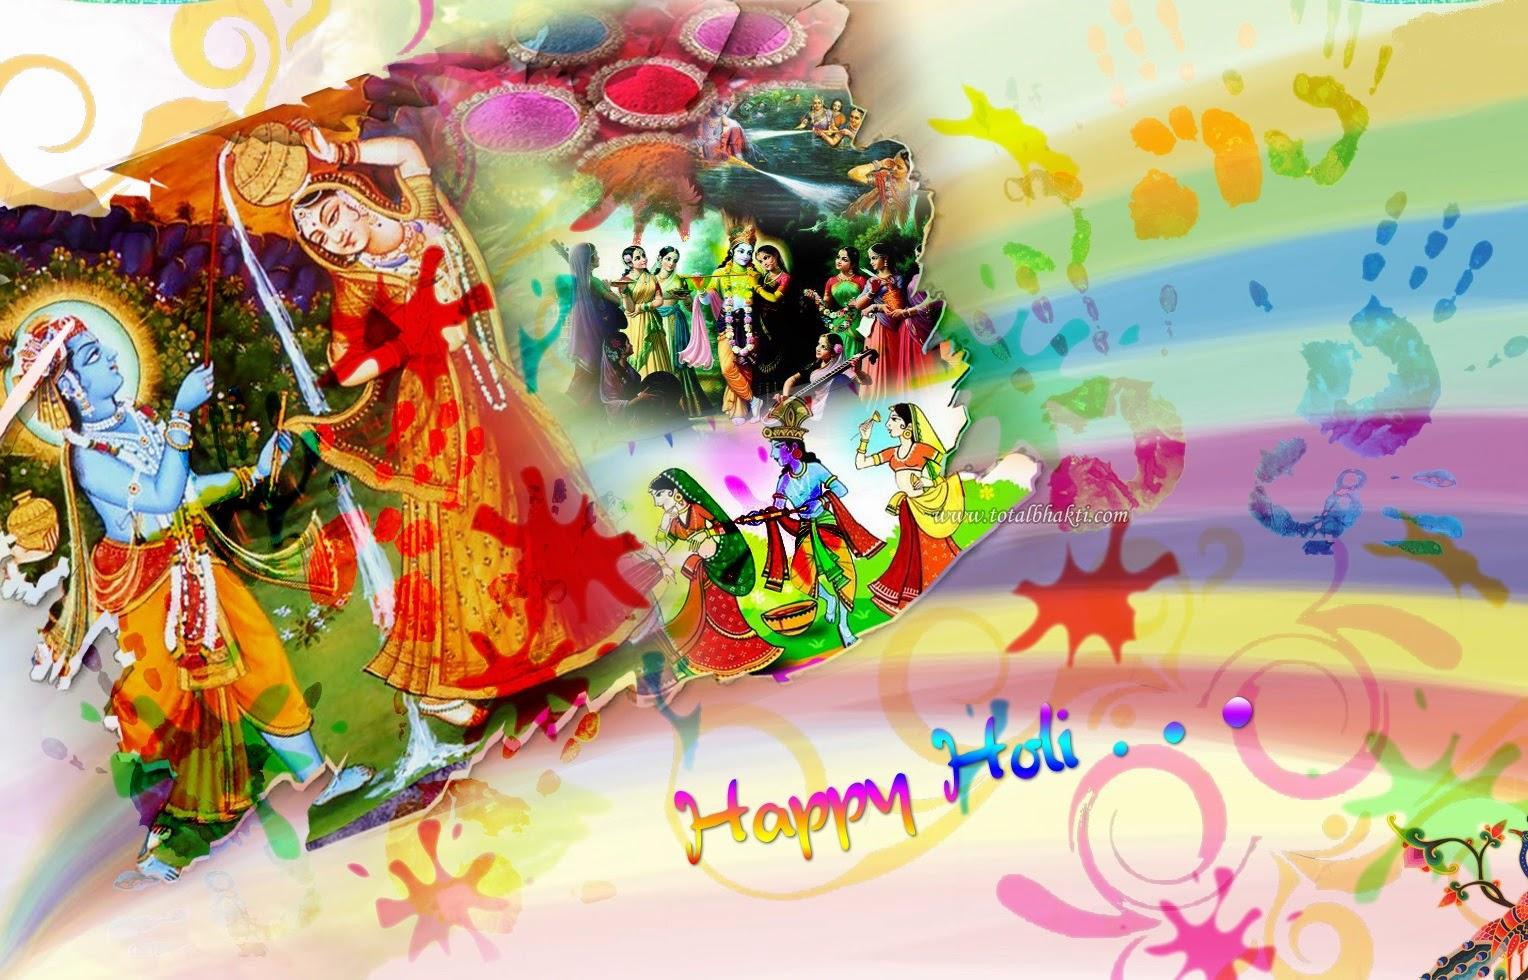 Happy Holi 2020 Wishes, Images, HD Radha Krishna Wallpaper ...